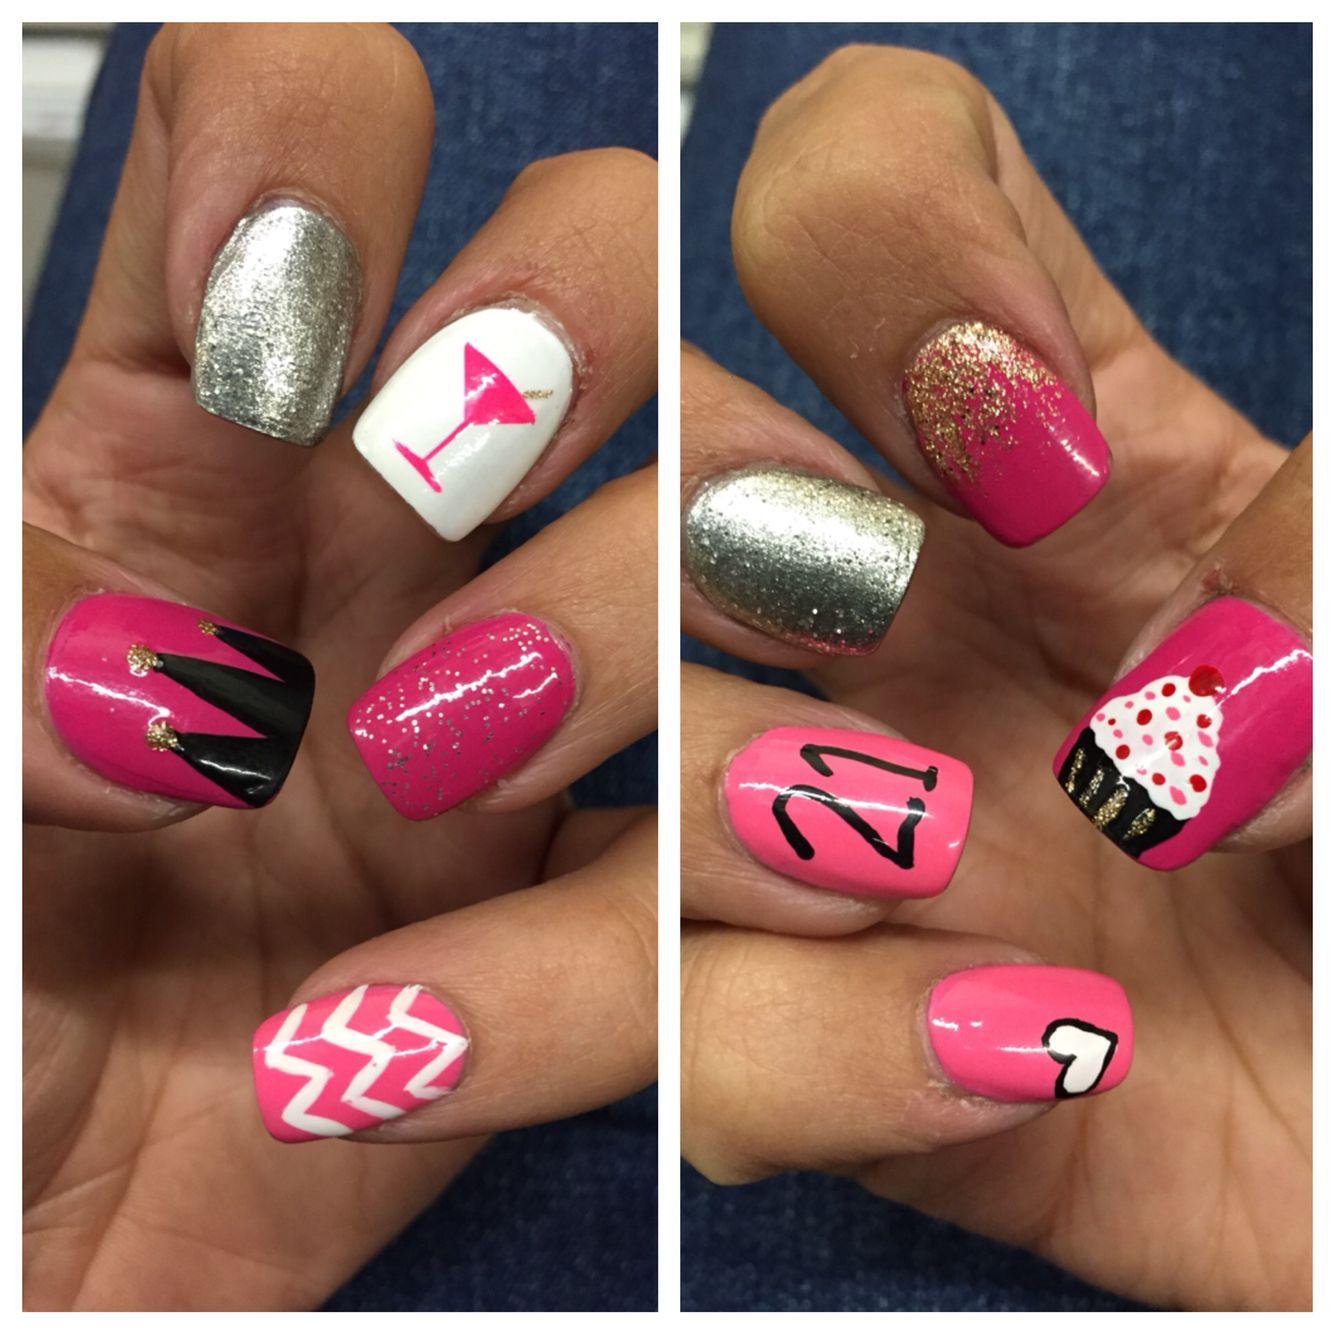 My 21st Birthday Nails!   Nail design\'s   Pinterest   21st birthday ...